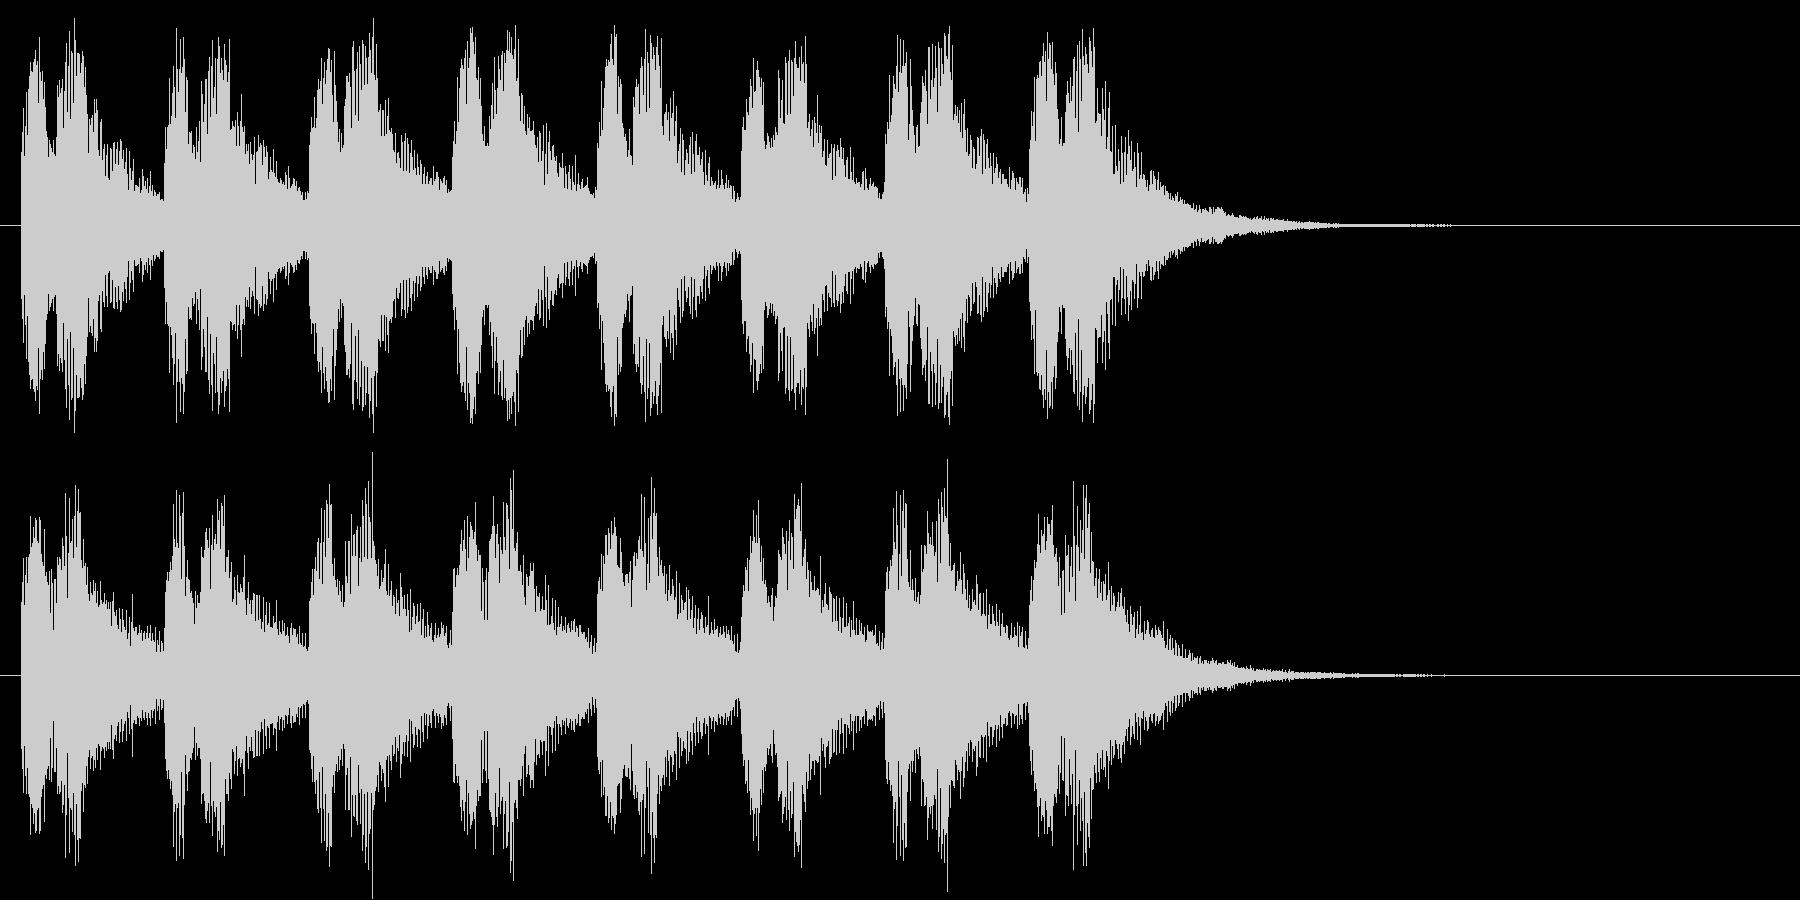 警告・警報・サイレン・ブザー#7(残響)の未再生の波形